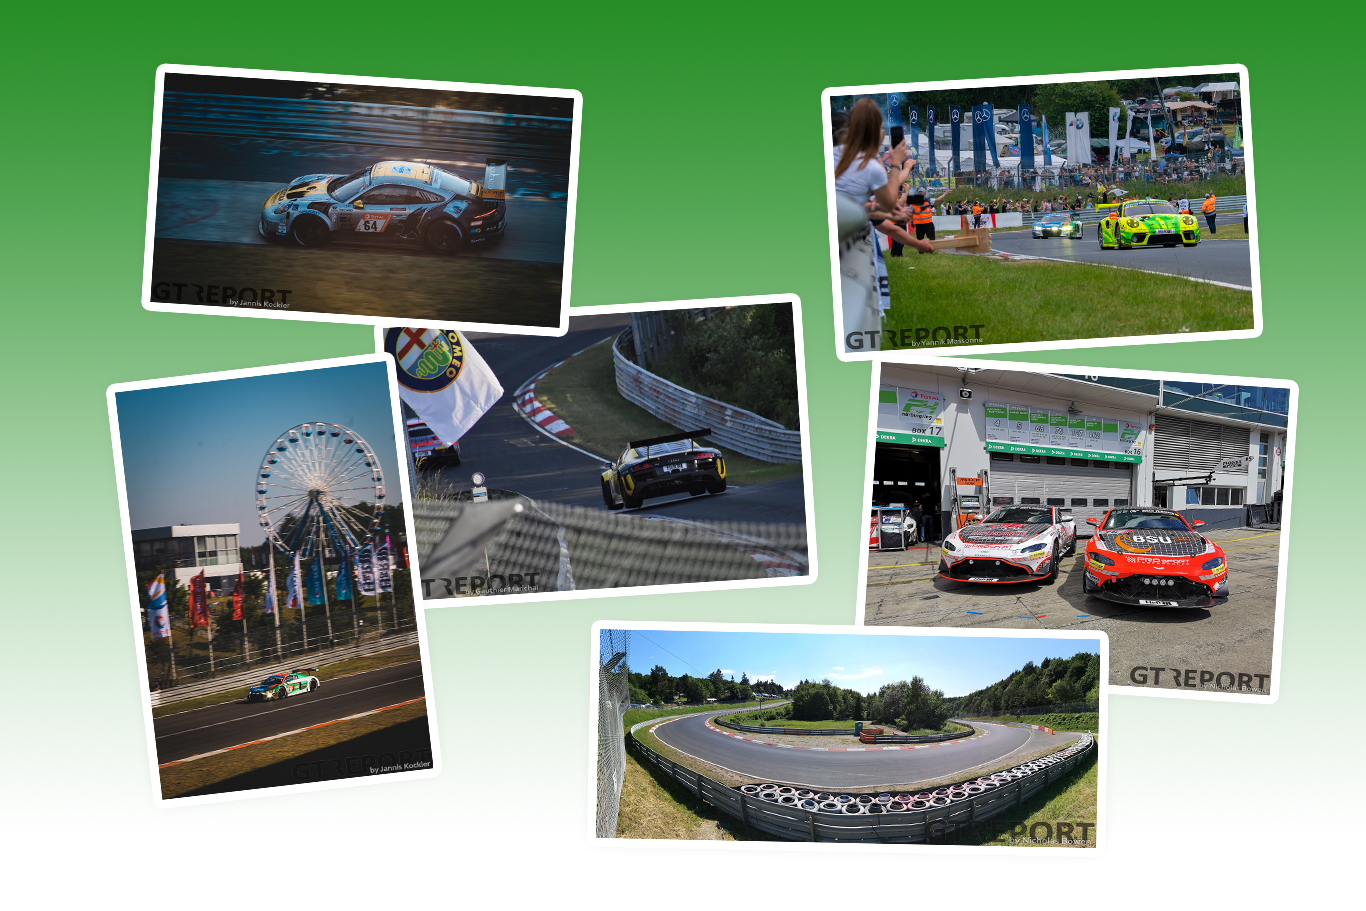 Nürburgring 24 Hours Fan Gallery